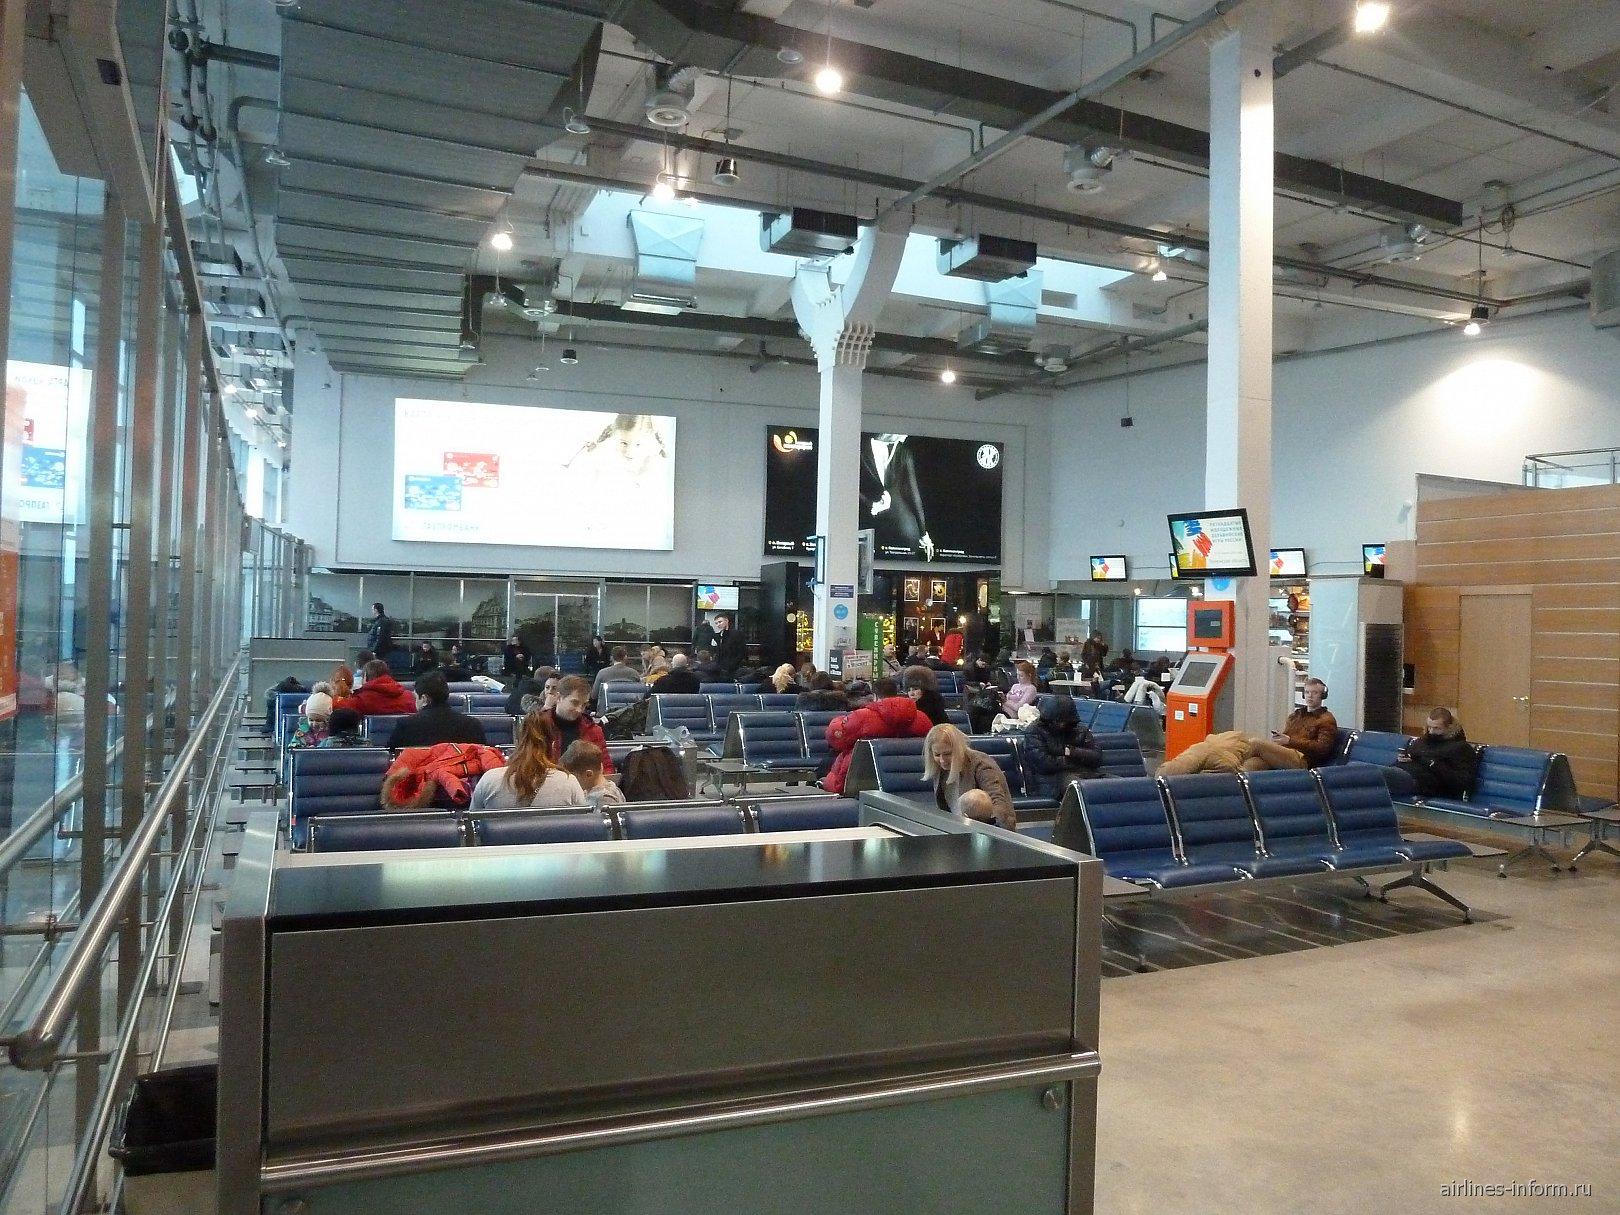 Зал ожидания в чистой зоне внутренних вылетов аэропорта Храброво